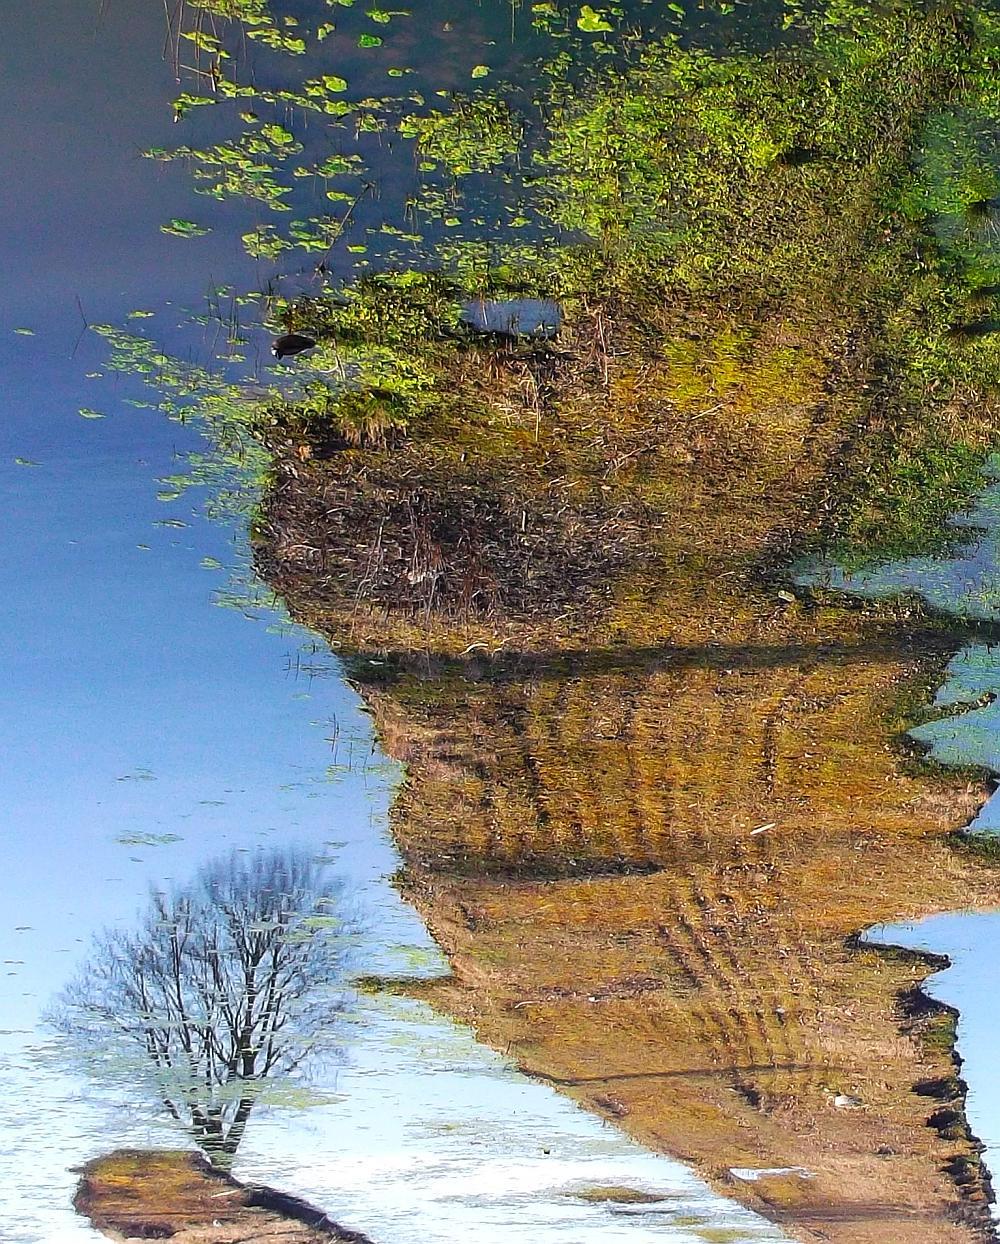 Iven Einszehn Foto Landschaft in Hammerbrook (zerstört)